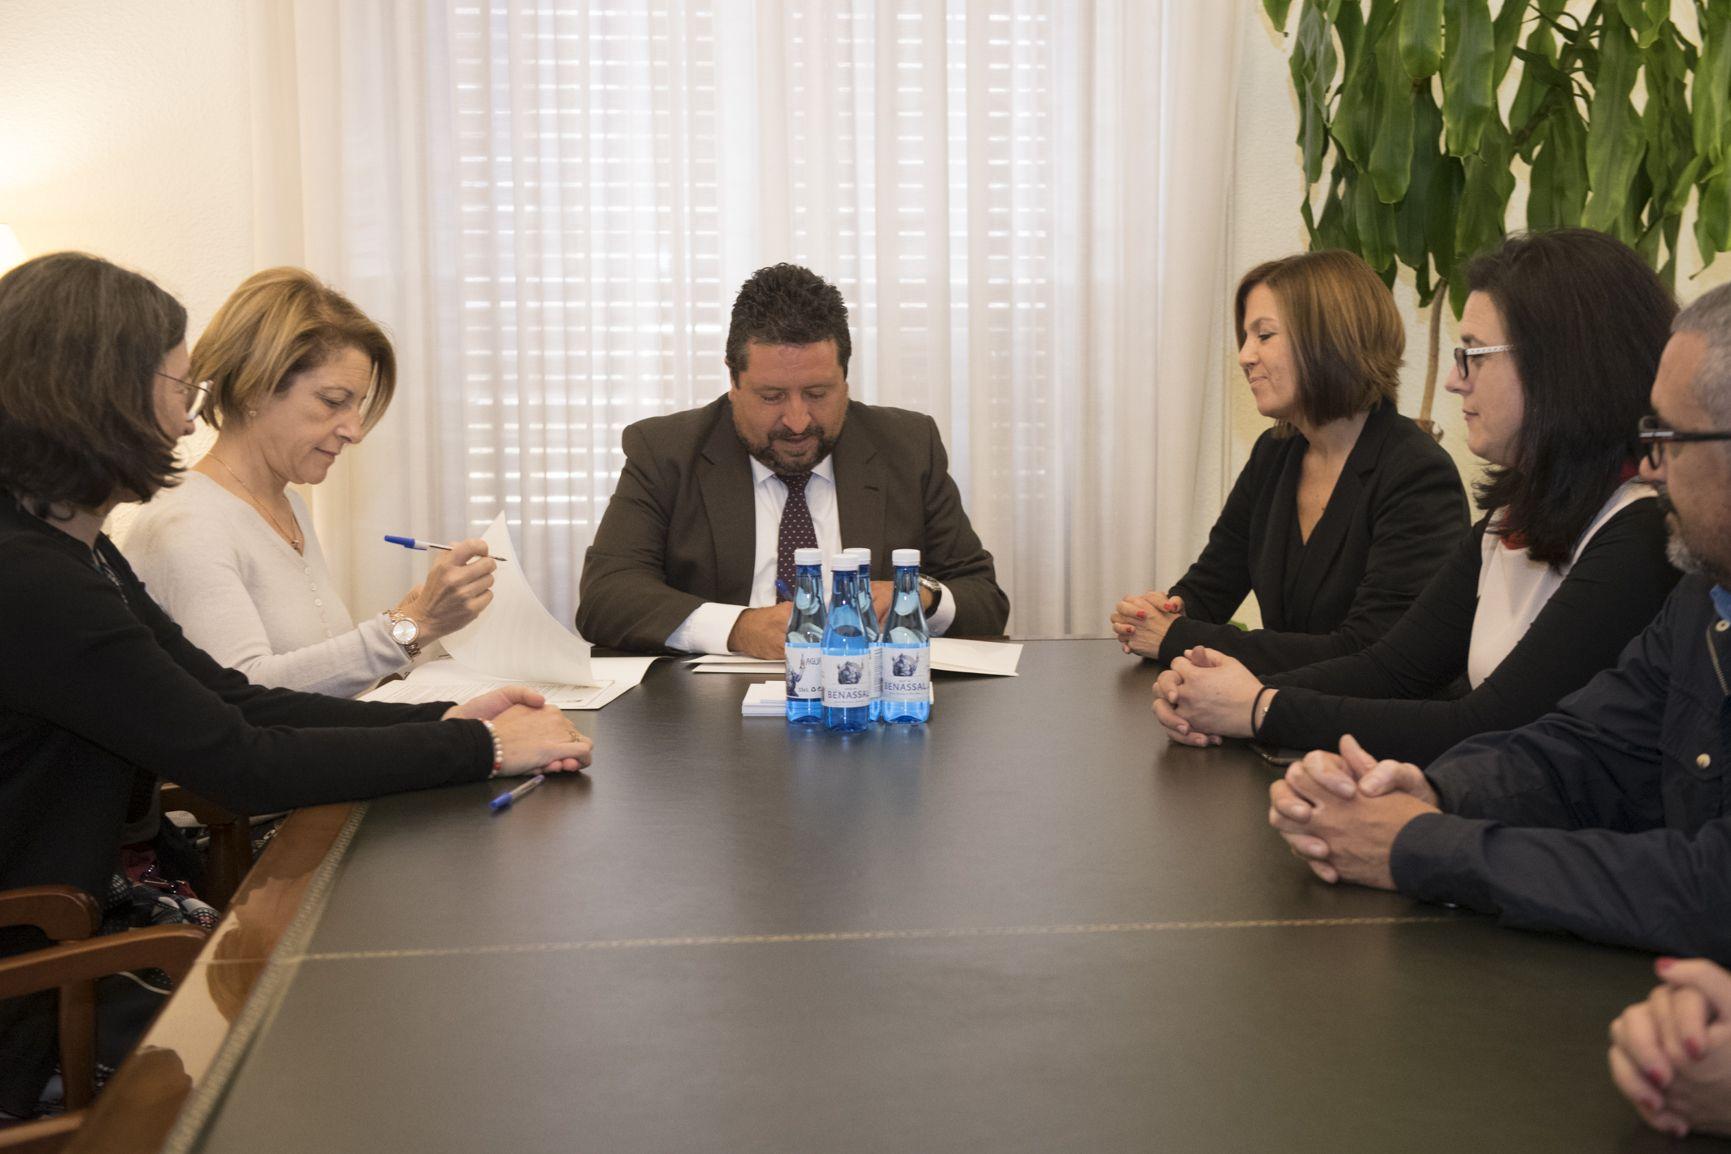 Rosa Visiedo y Javier Moliner, en la firma del convenio entre la Fundación Hospital Provincial de Castellón y la Universidad CEU Cardenal Herrera.